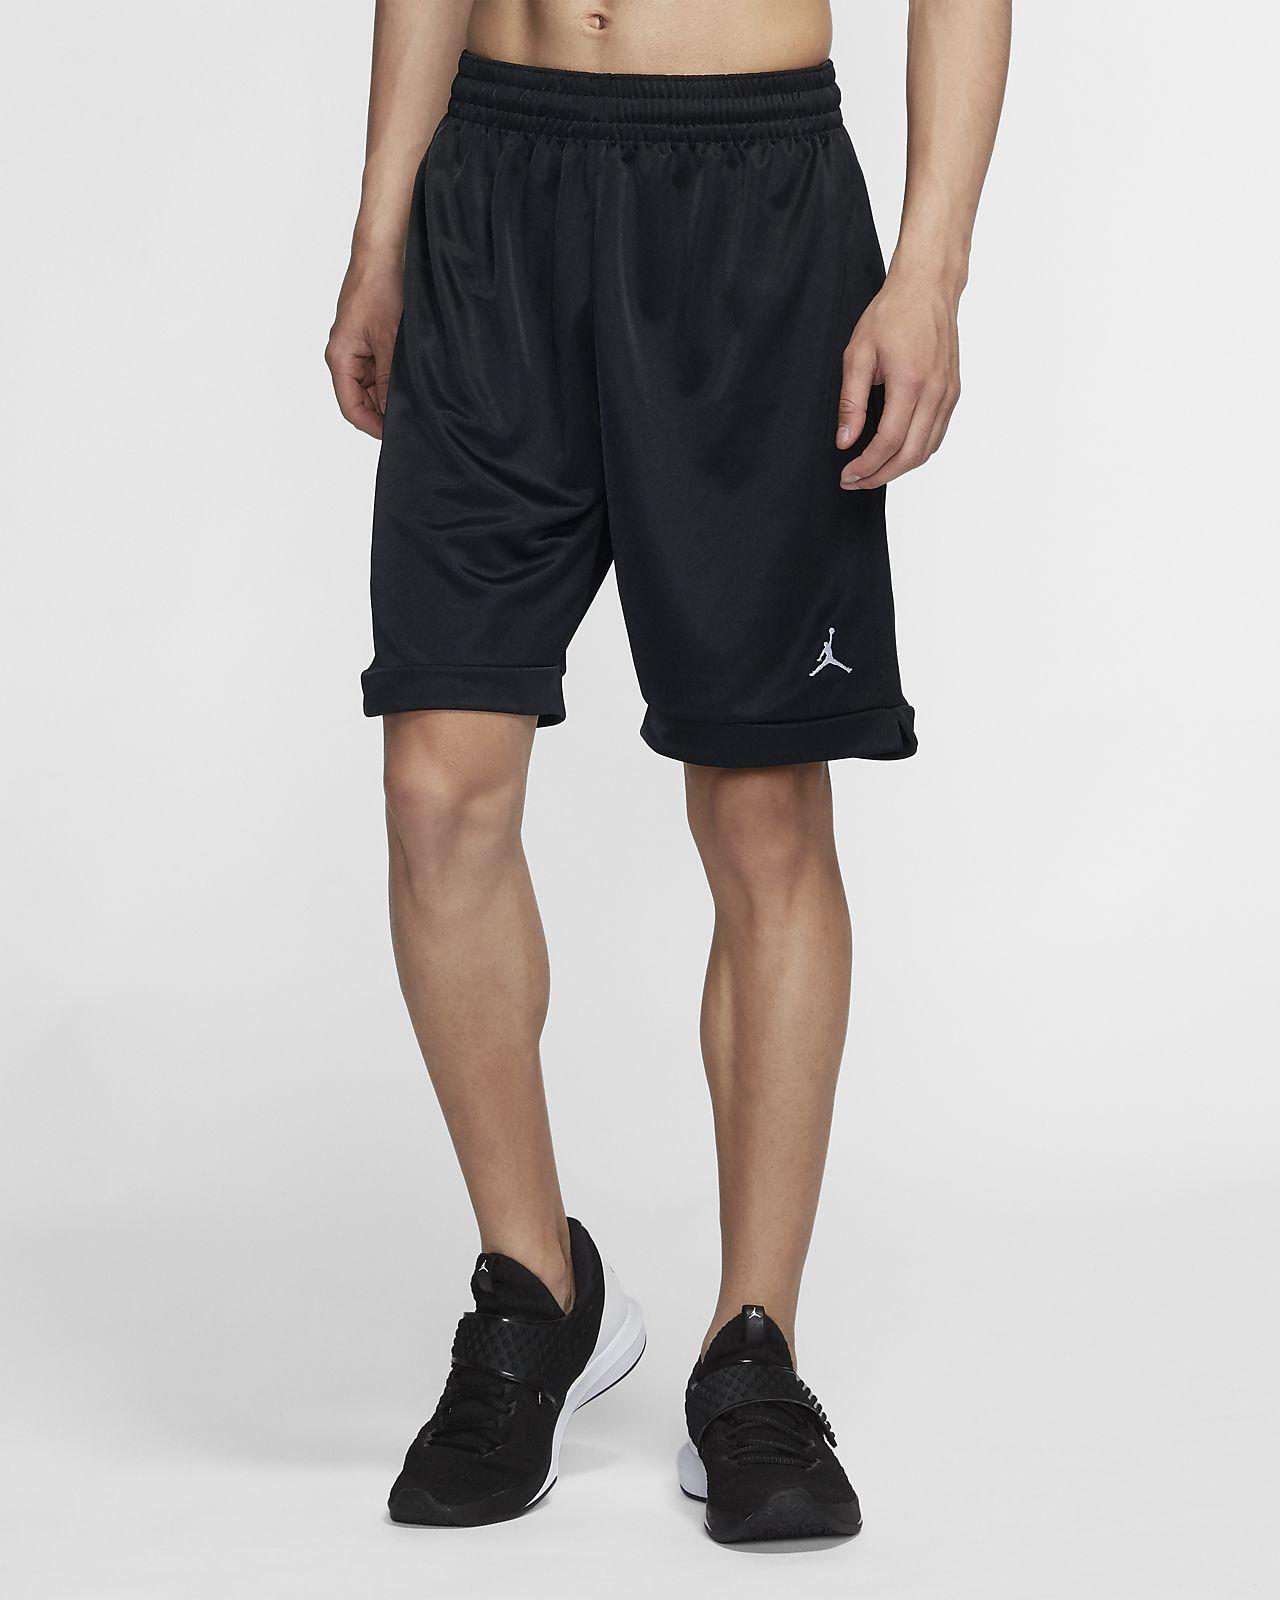 Jordan Practice 男子篮球短裤